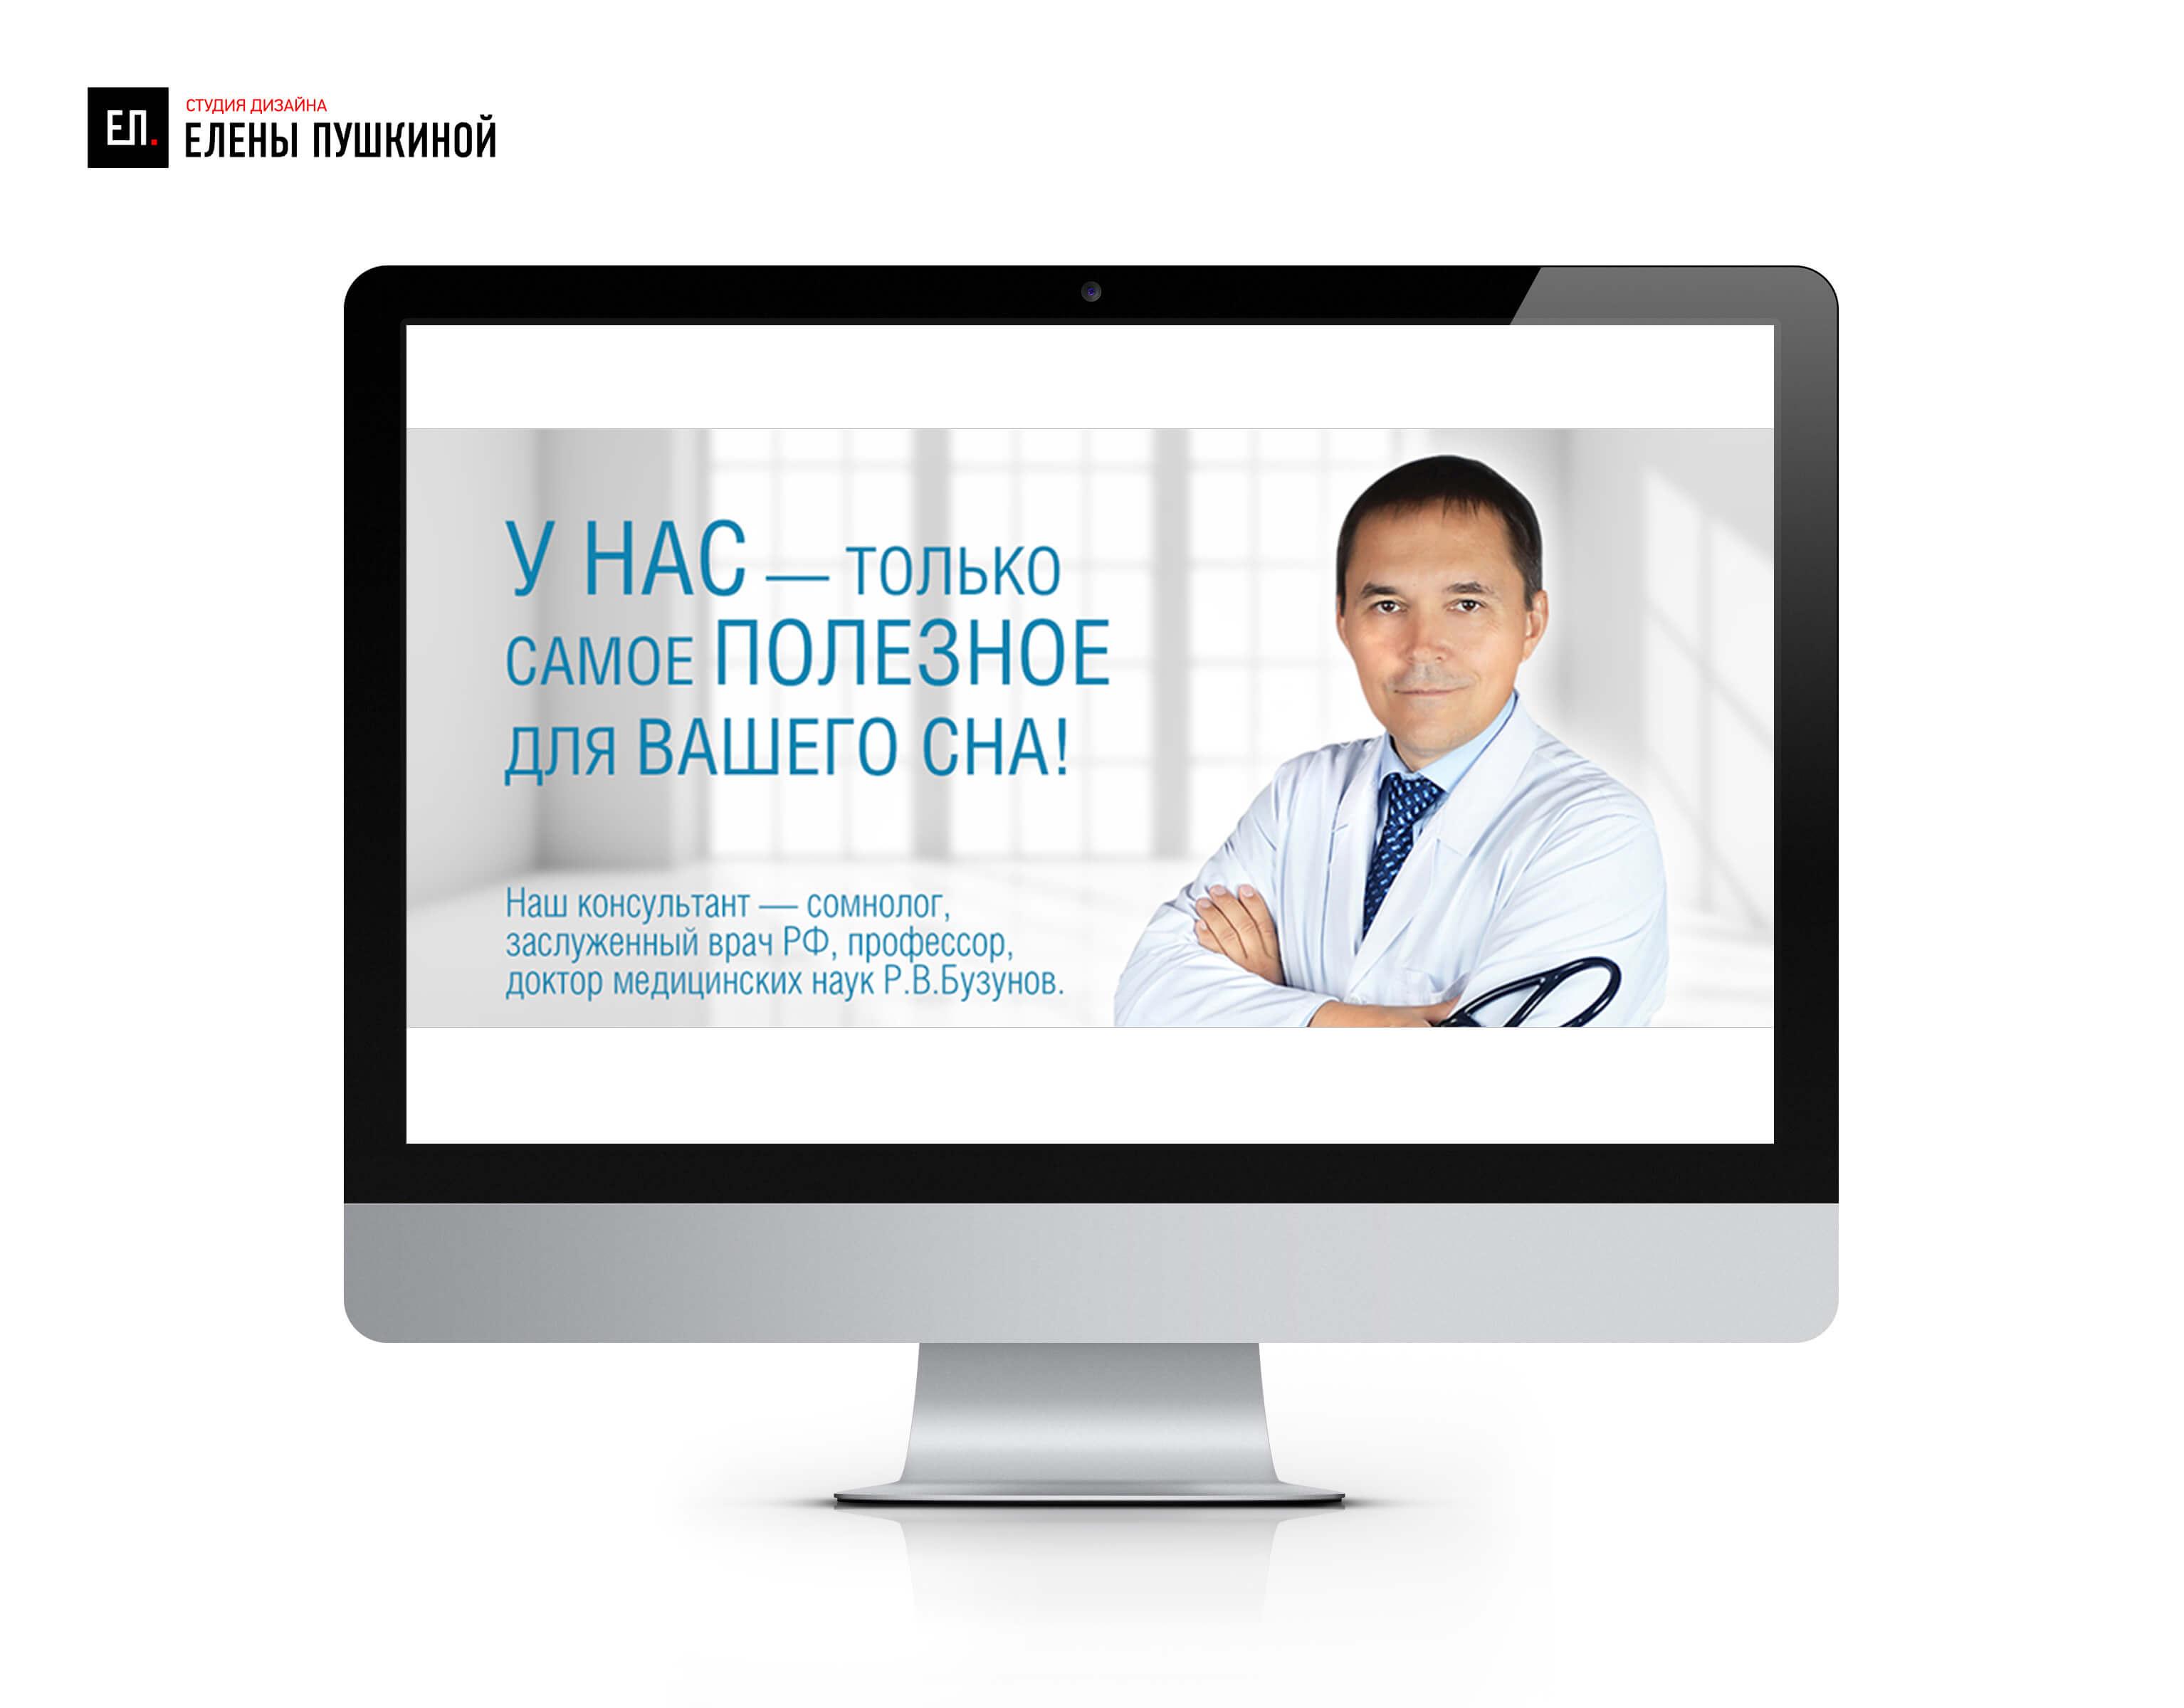 Веб-баннер №1 для Интернет-магазина Здоровый-сон.рф Баннеры для сайта Портфолио